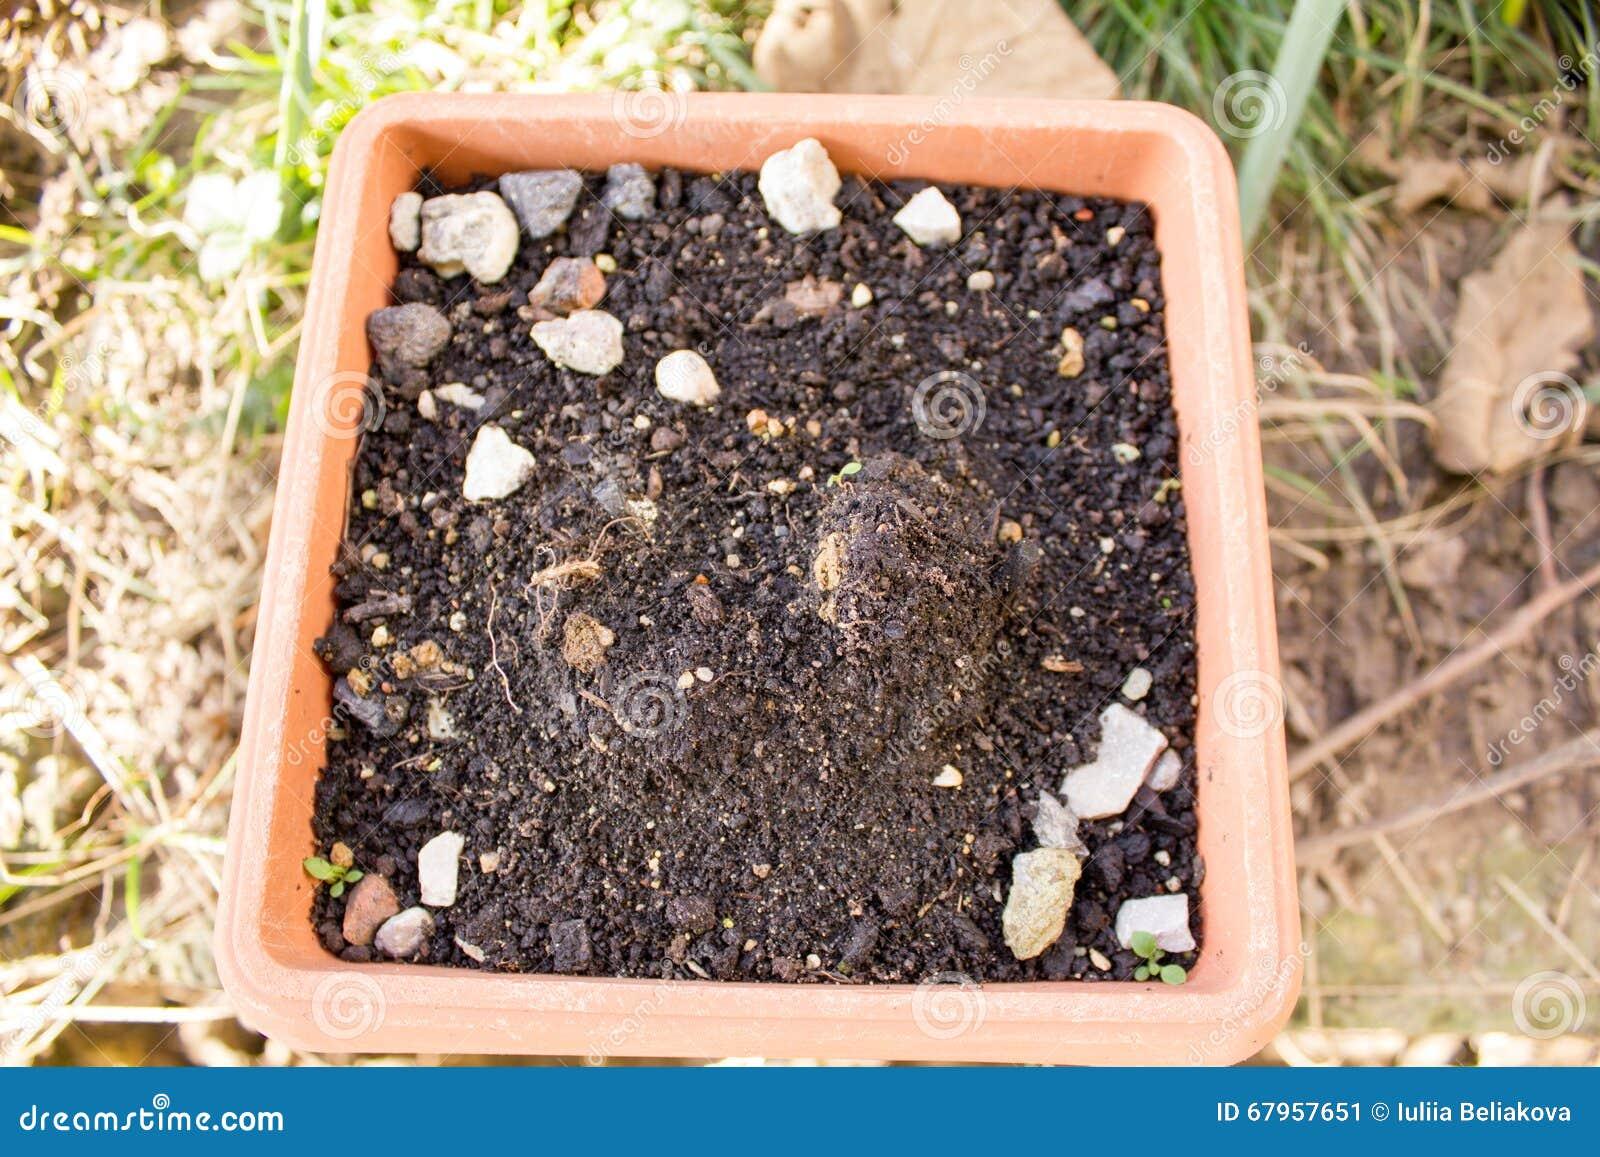 Der Boden Im Topf Fur Das Pflanzen Stockbild Bild Von